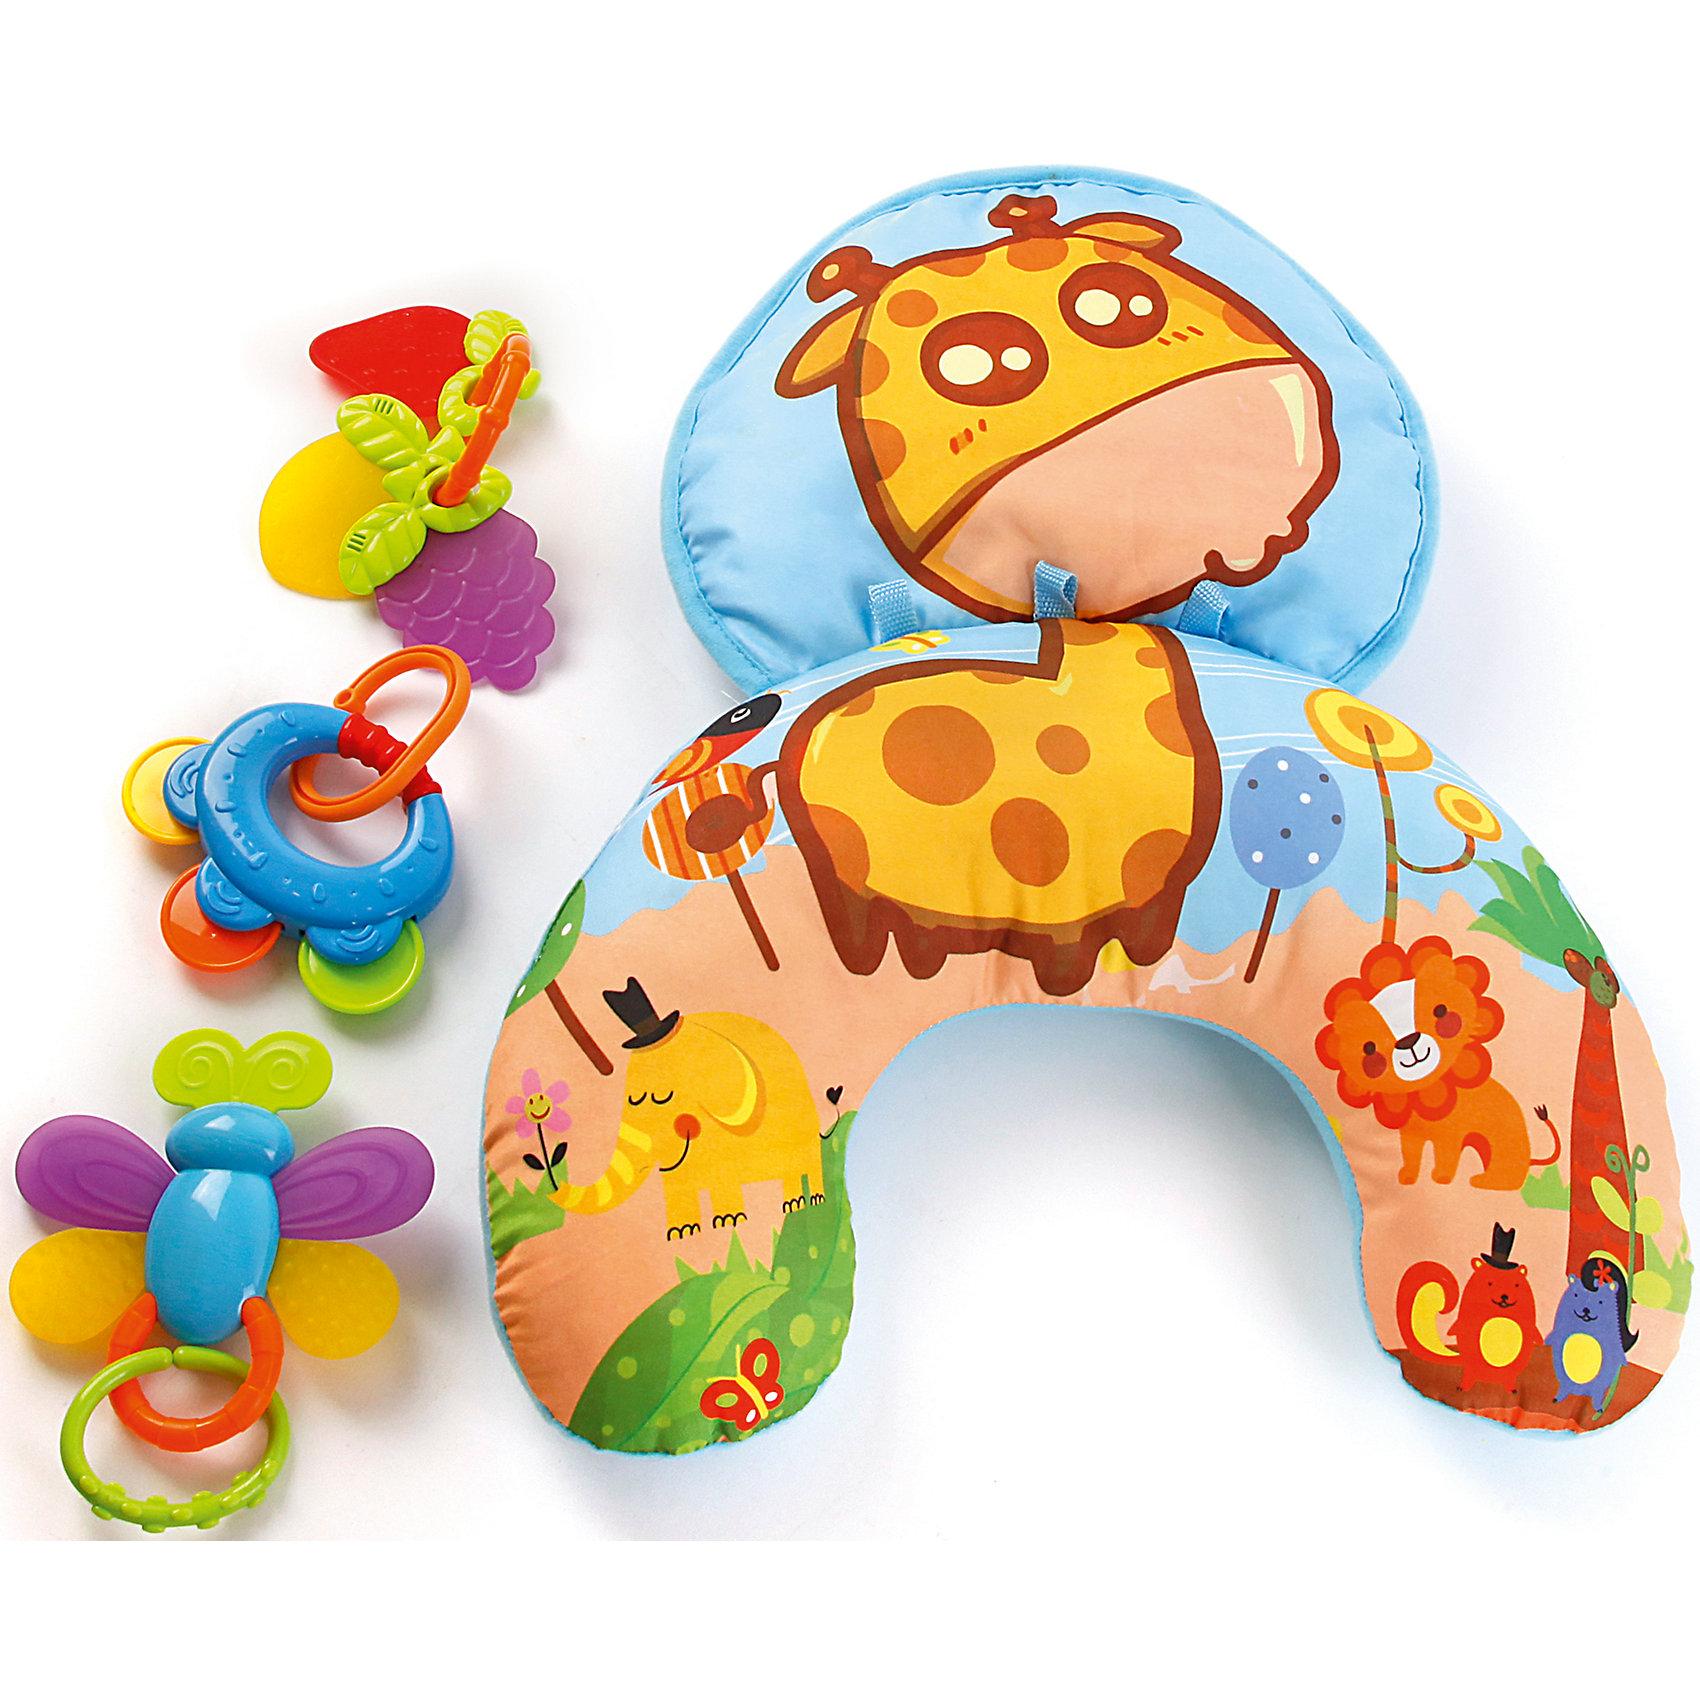 Игровой центр Веселый Жирафик, ЖирафикиИгровые столики и центры<br>Игровой центр Веселый Жирафик от популярного бренда детских товаров Жирафики развеселит вашу кроху! Переносной центр-подушка-коврик очень удобен для малышей, особенно новорожденных, когда большее время они проводят лежа на животике. Яркий и веселый жирафик, а также другие животные на модуле станут надежными компаньонами для игр и развития. Комплект из целых трех съемных прорезывателей придется очень кстати, когда зубки станут давать о себе знать. Также в комплекте две прочные пластиковые погремушки, которые снимаются. С этим модулем можно играть и сидя, кроме того, его можно брать с собой на природу или в путешествие. Игровой центр способствует развитию тактильного и визуального восприятия, а также поможет развить звуковые навыки и воображение. <br><br>Дополнительная информация:<br><br>- В комплект входит: 1 подушка-коврик, 3 прорезывателя, 2 погремушки<br>- Материал: АБС пластик, текстиль<br>- Размер: 31 * 9 * 26 см<br><br>Игровой центр Веселый Жирафик, Жирафики можно купить в нашем интернет-магазине.<br><br>Подробнее:<br>• Для детей в возрасте: от 0 до 12 месяцев<br>• Номер товара: 4925507<br>Страна производитель: Китай<br><br>Ширина мм: 305<br>Глубина мм: 90<br>Высота мм: 260<br>Вес г: 1563<br>Возраст от месяцев: 0<br>Возраст до месяцев: 12<br>Пол: Унисекс<br>Возраст: Детский<br>SKU: 4925507